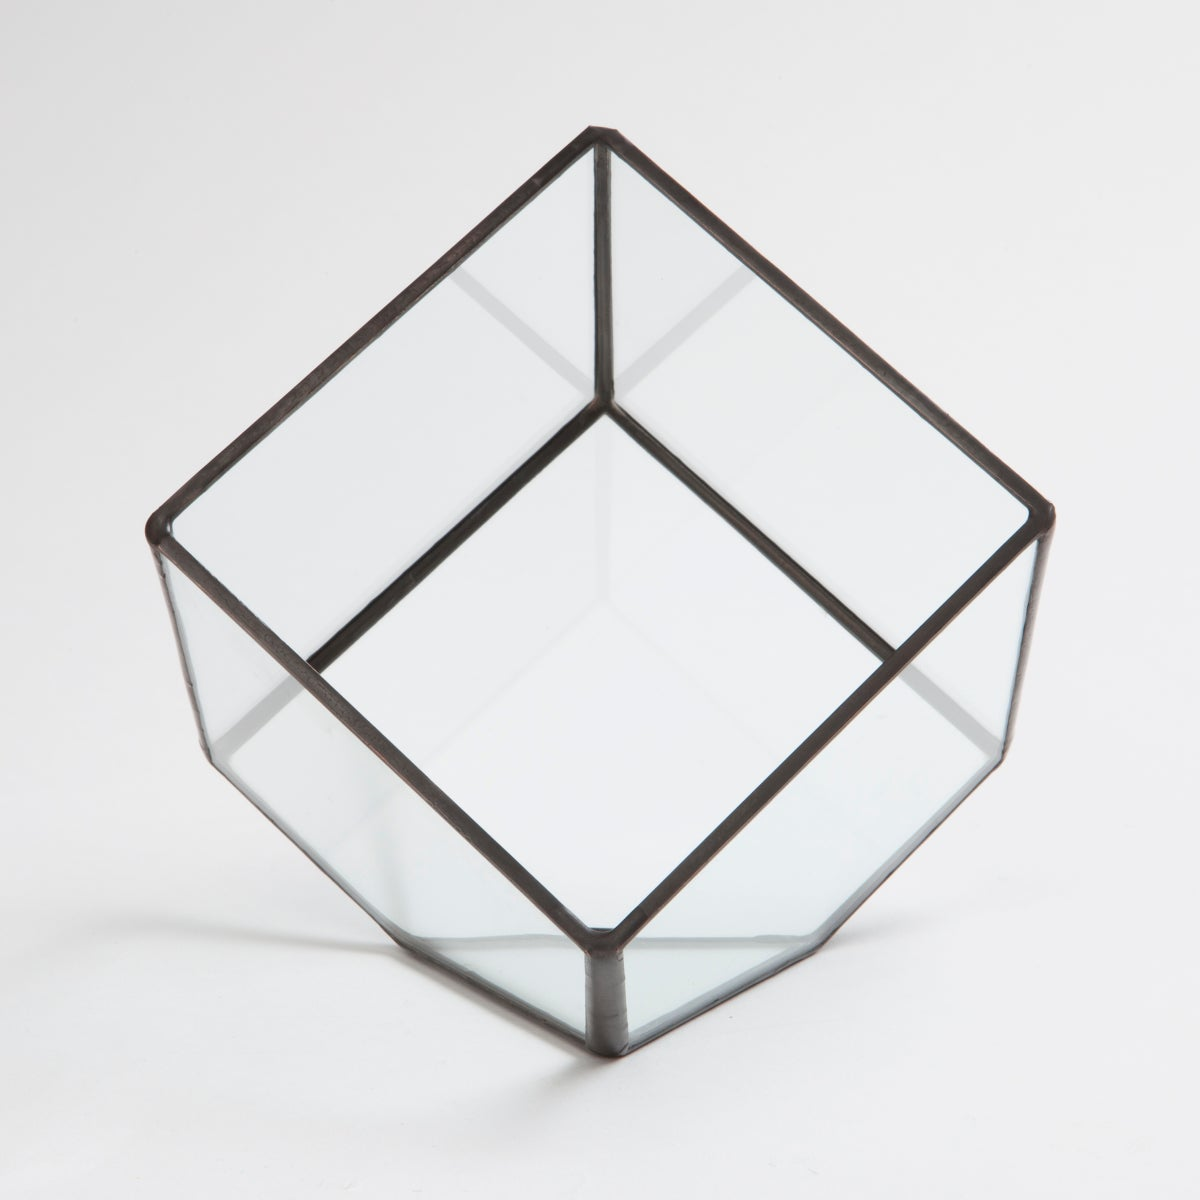 Image of Small Cube Terrarium